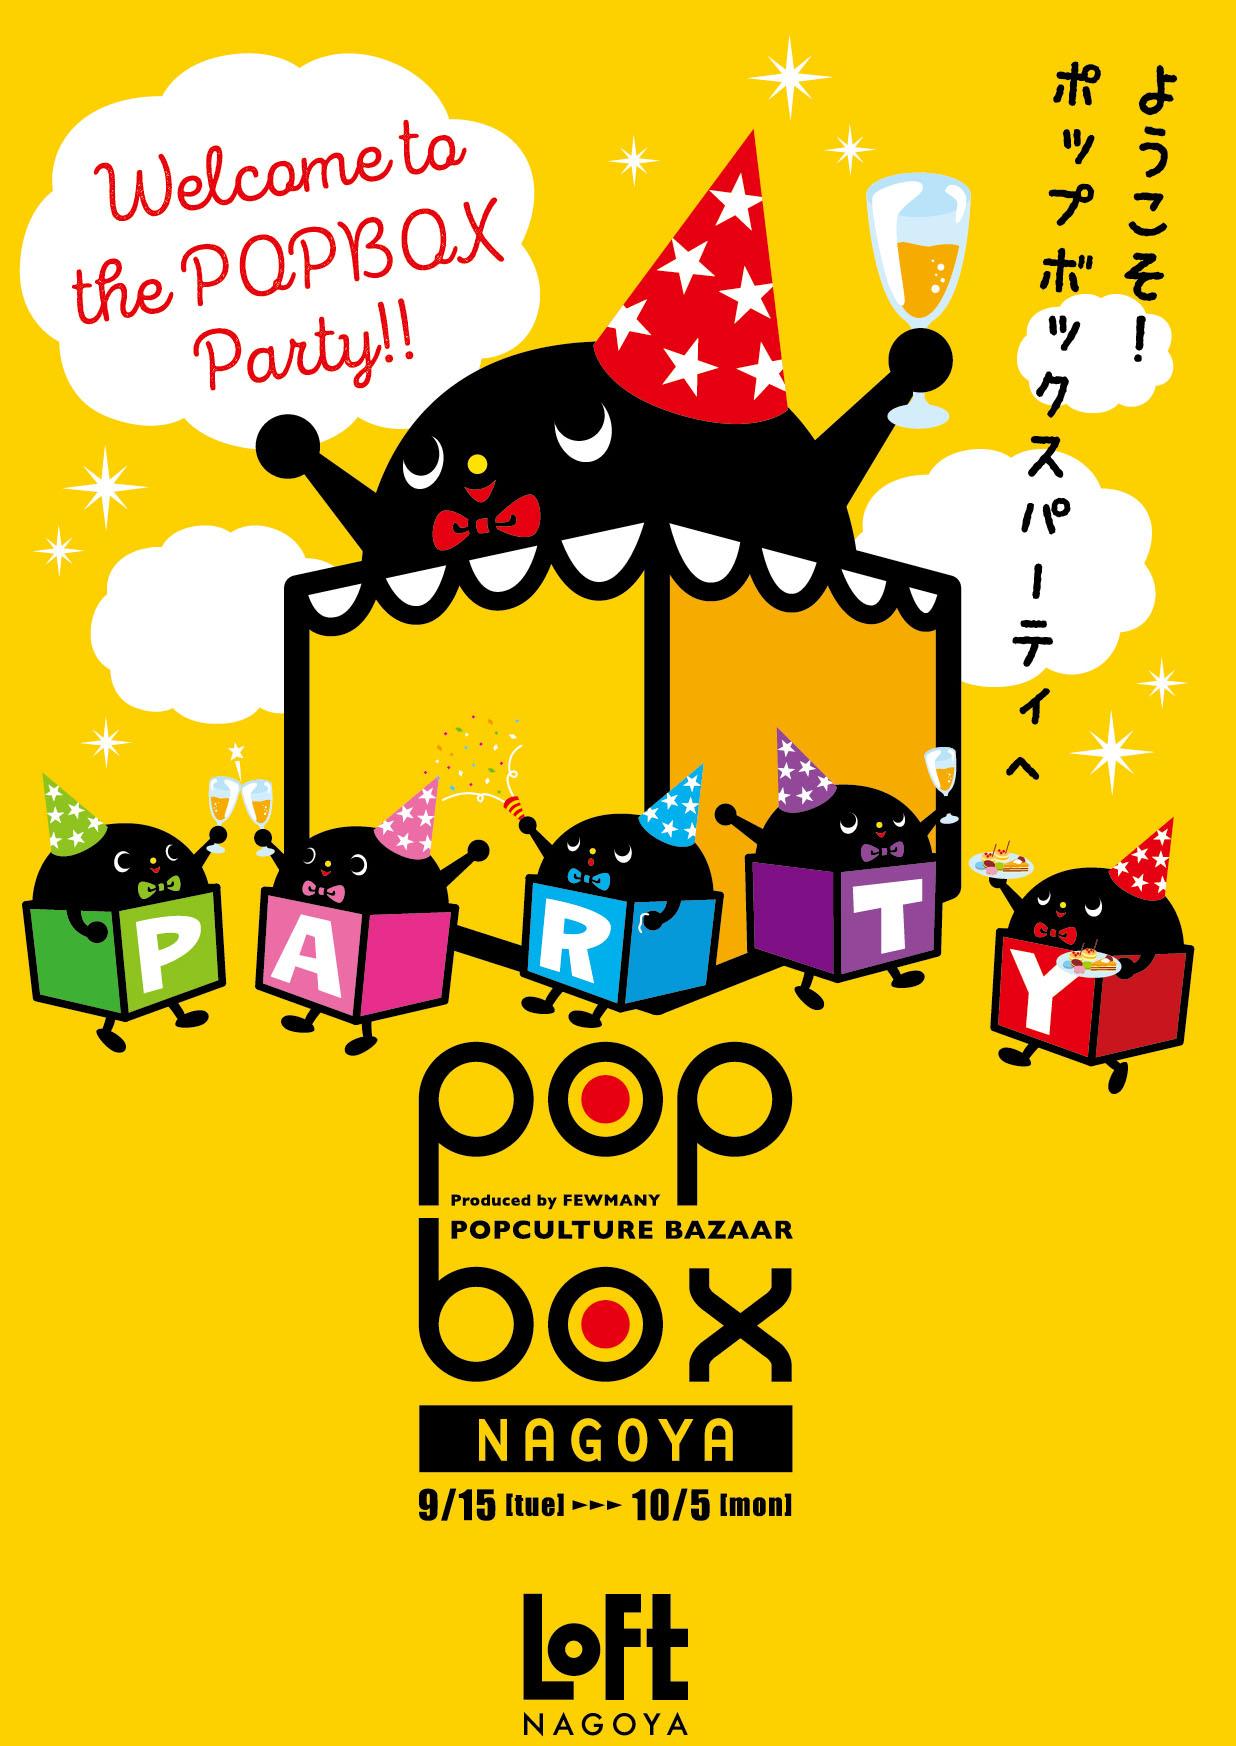 名古屋ロフトPOPBOX開催のお知らせ!_f0010033_13123932.jpg